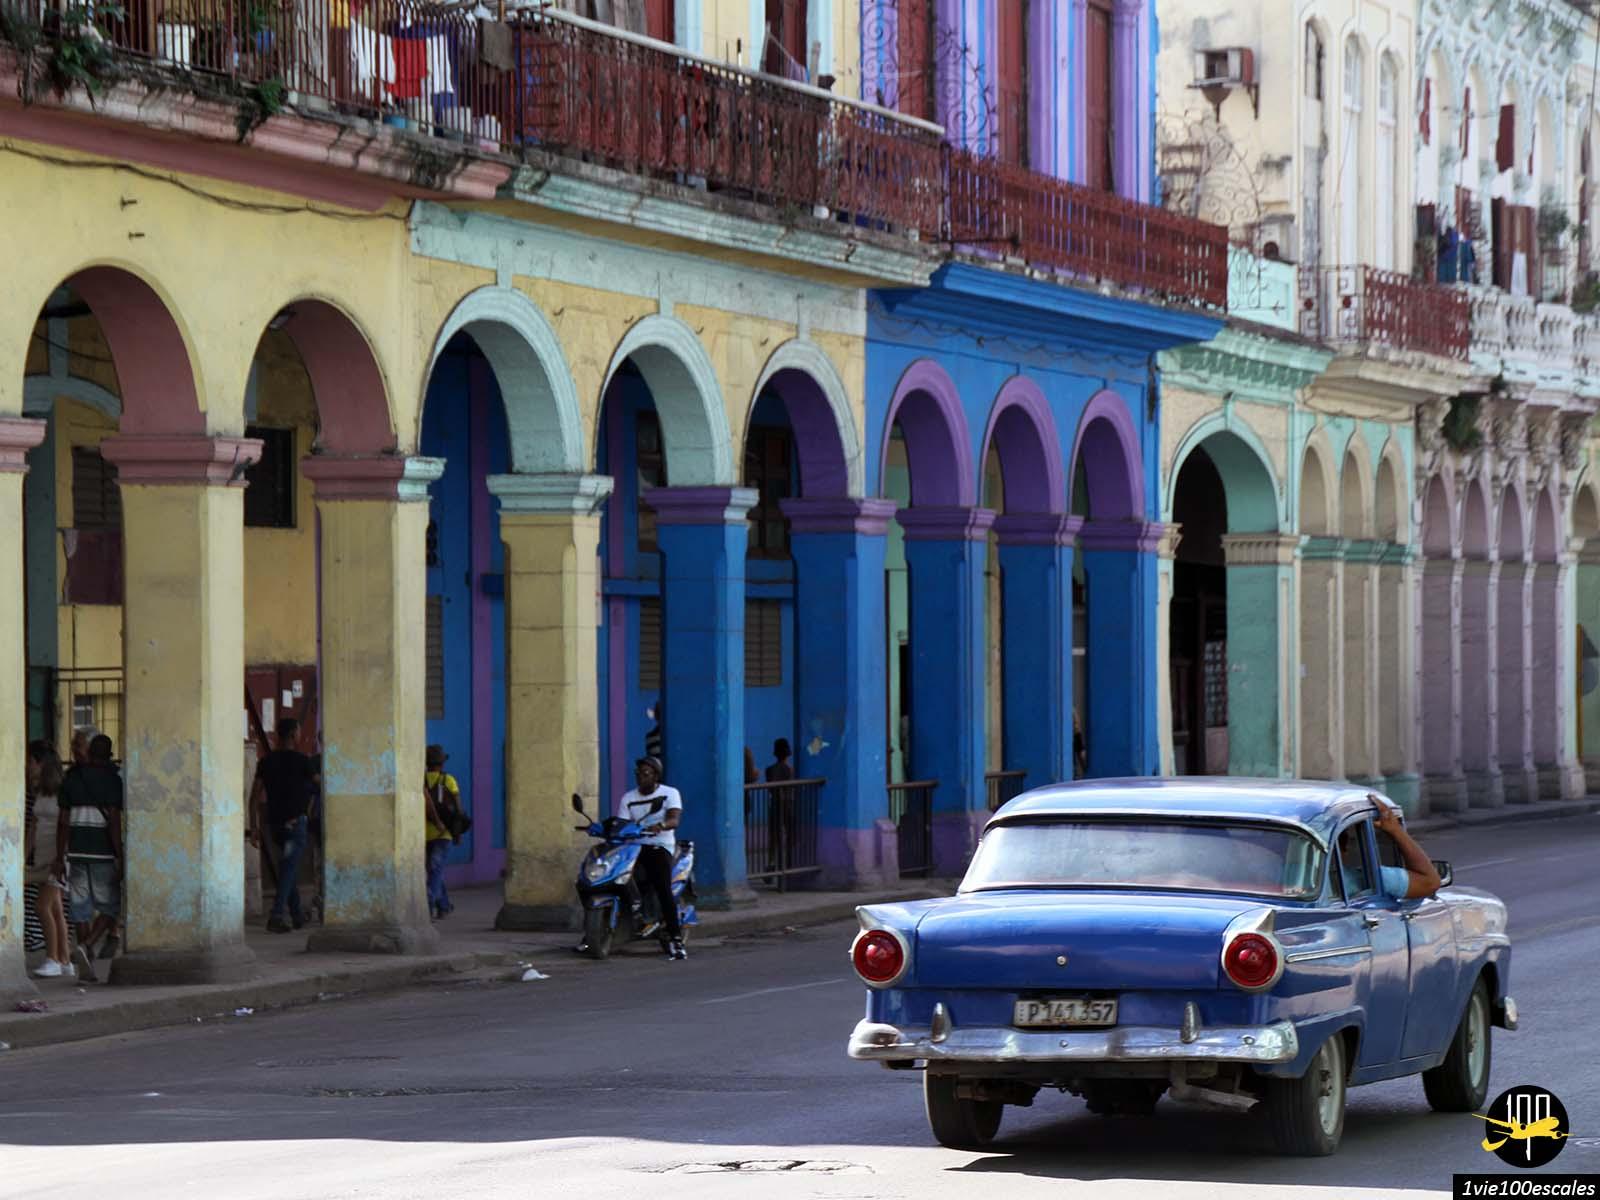 Les typiques arcades colorées de la vieille havane à Cuba